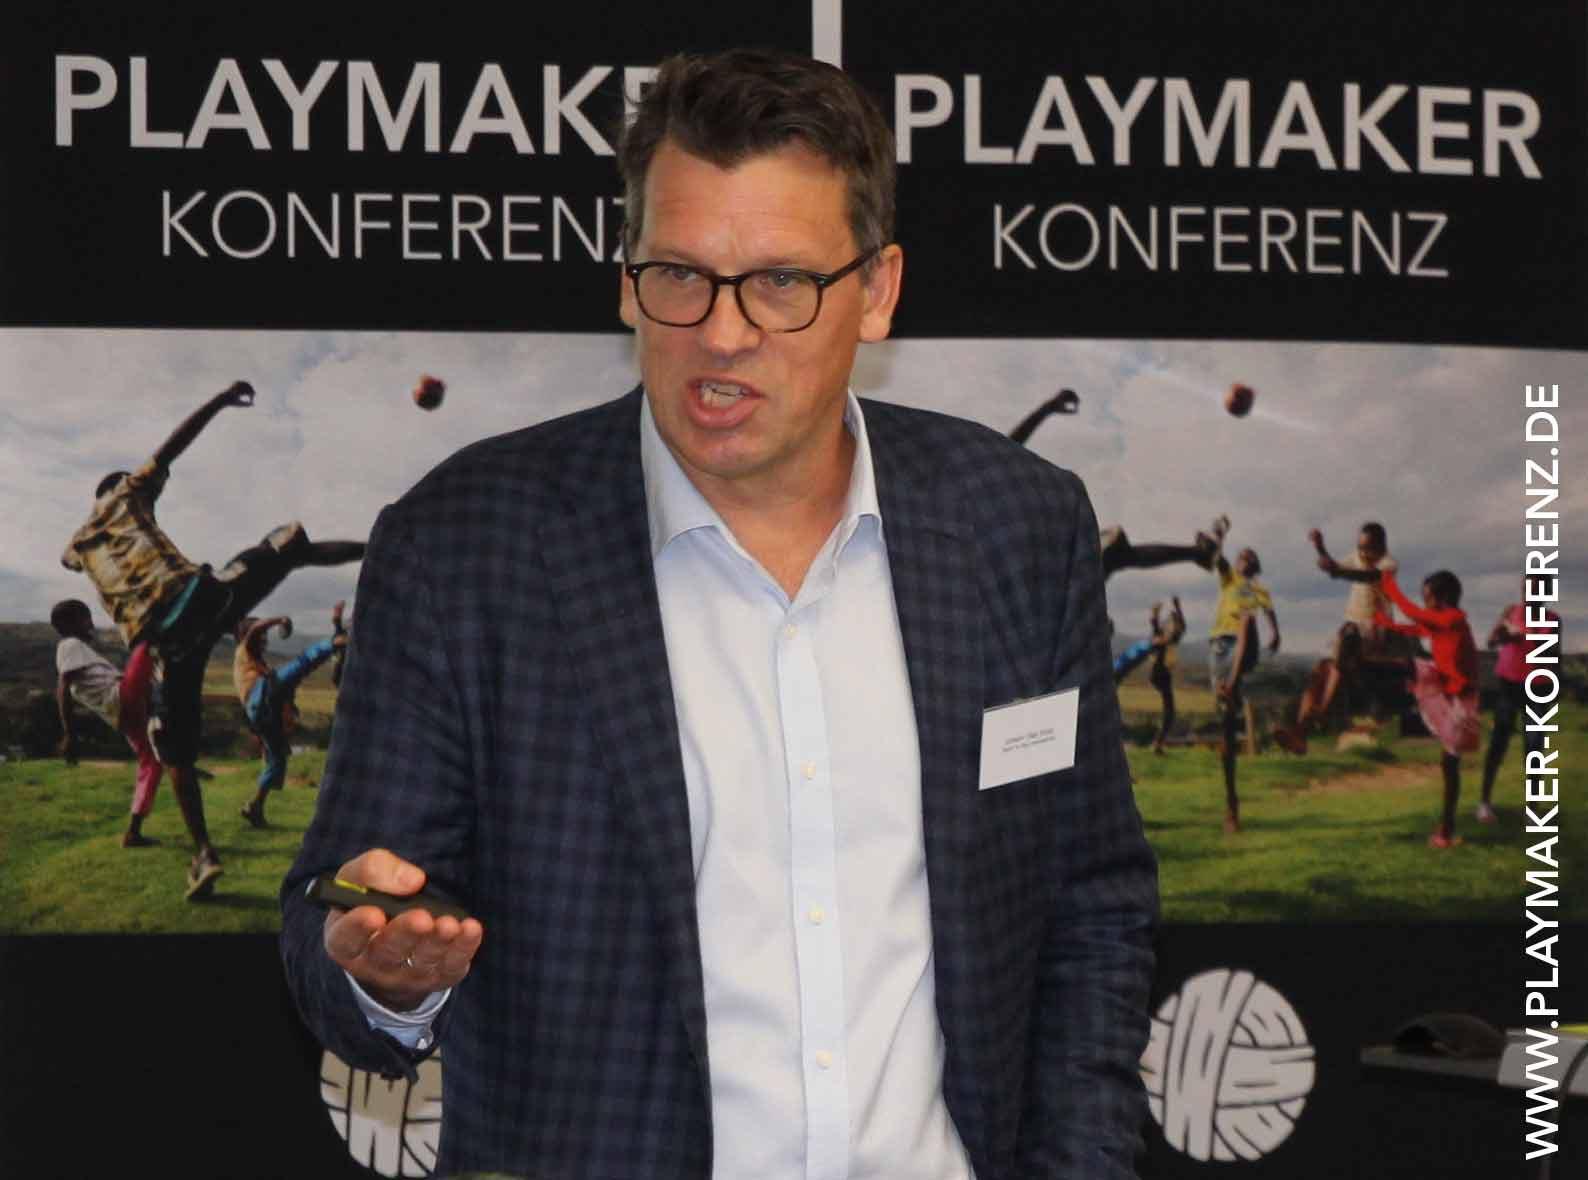 Johann Koss Playmaker